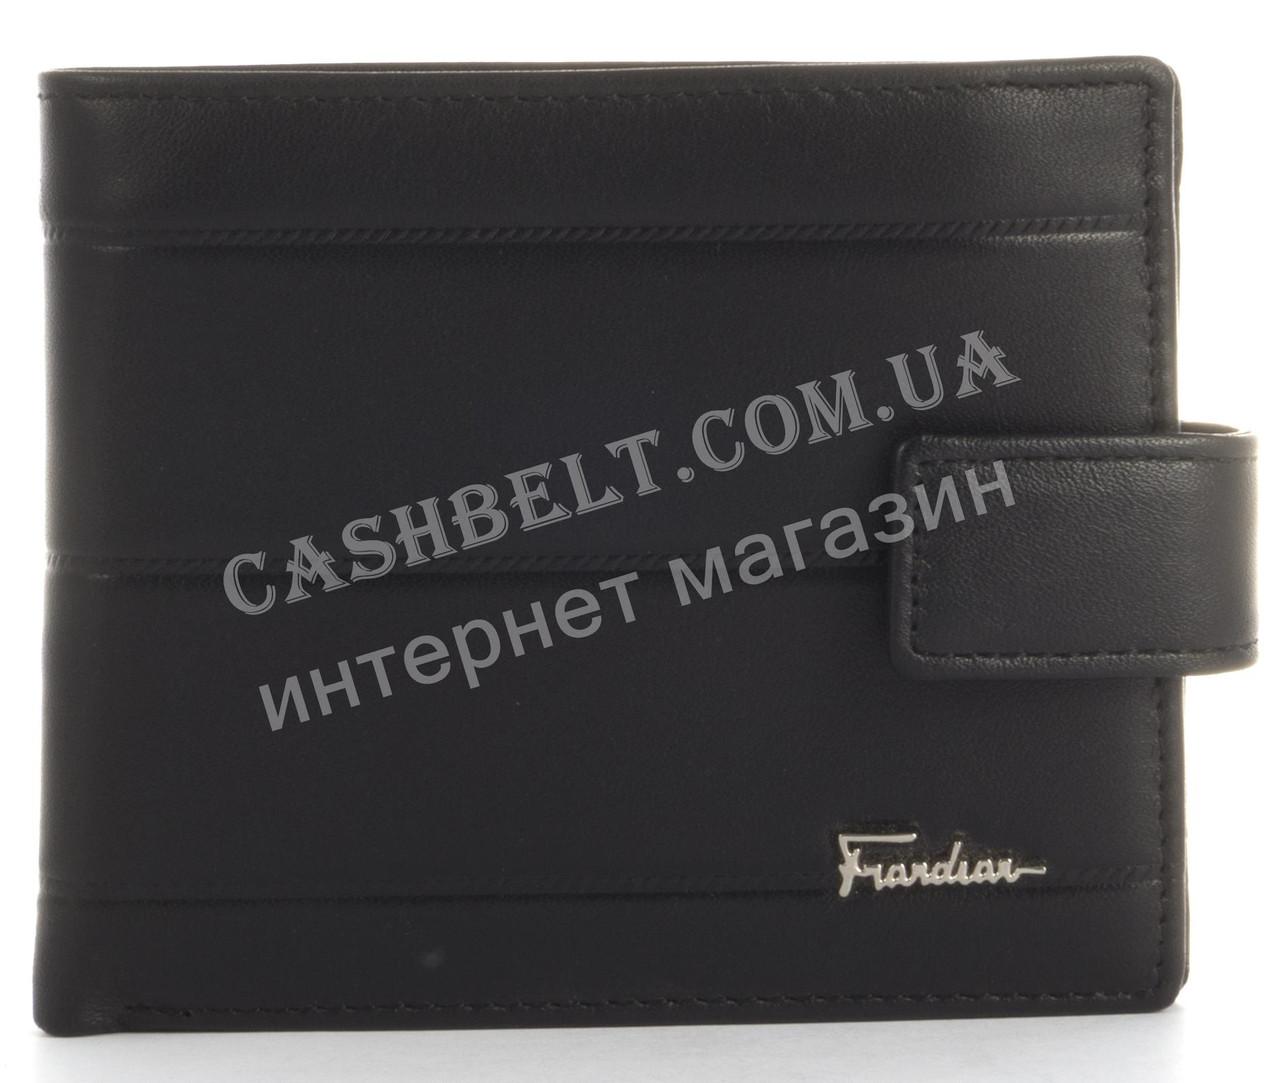 Прочный стильный кошелек из натуральной качественной кожи Frandiar art. FD83-1077A черный